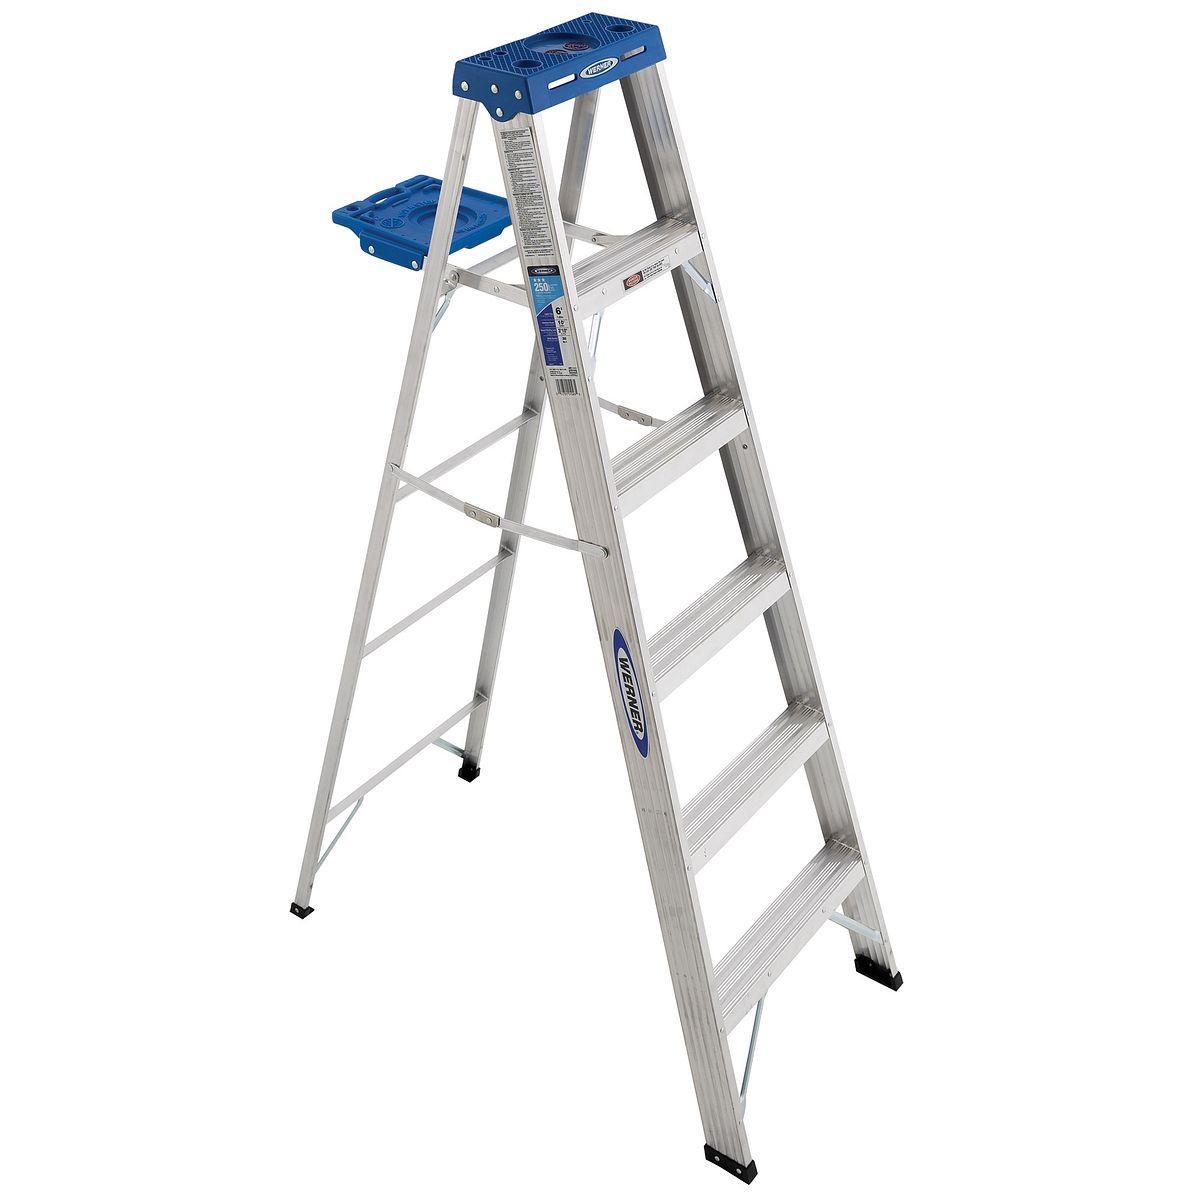 366ca Step Ladders Werner Ca